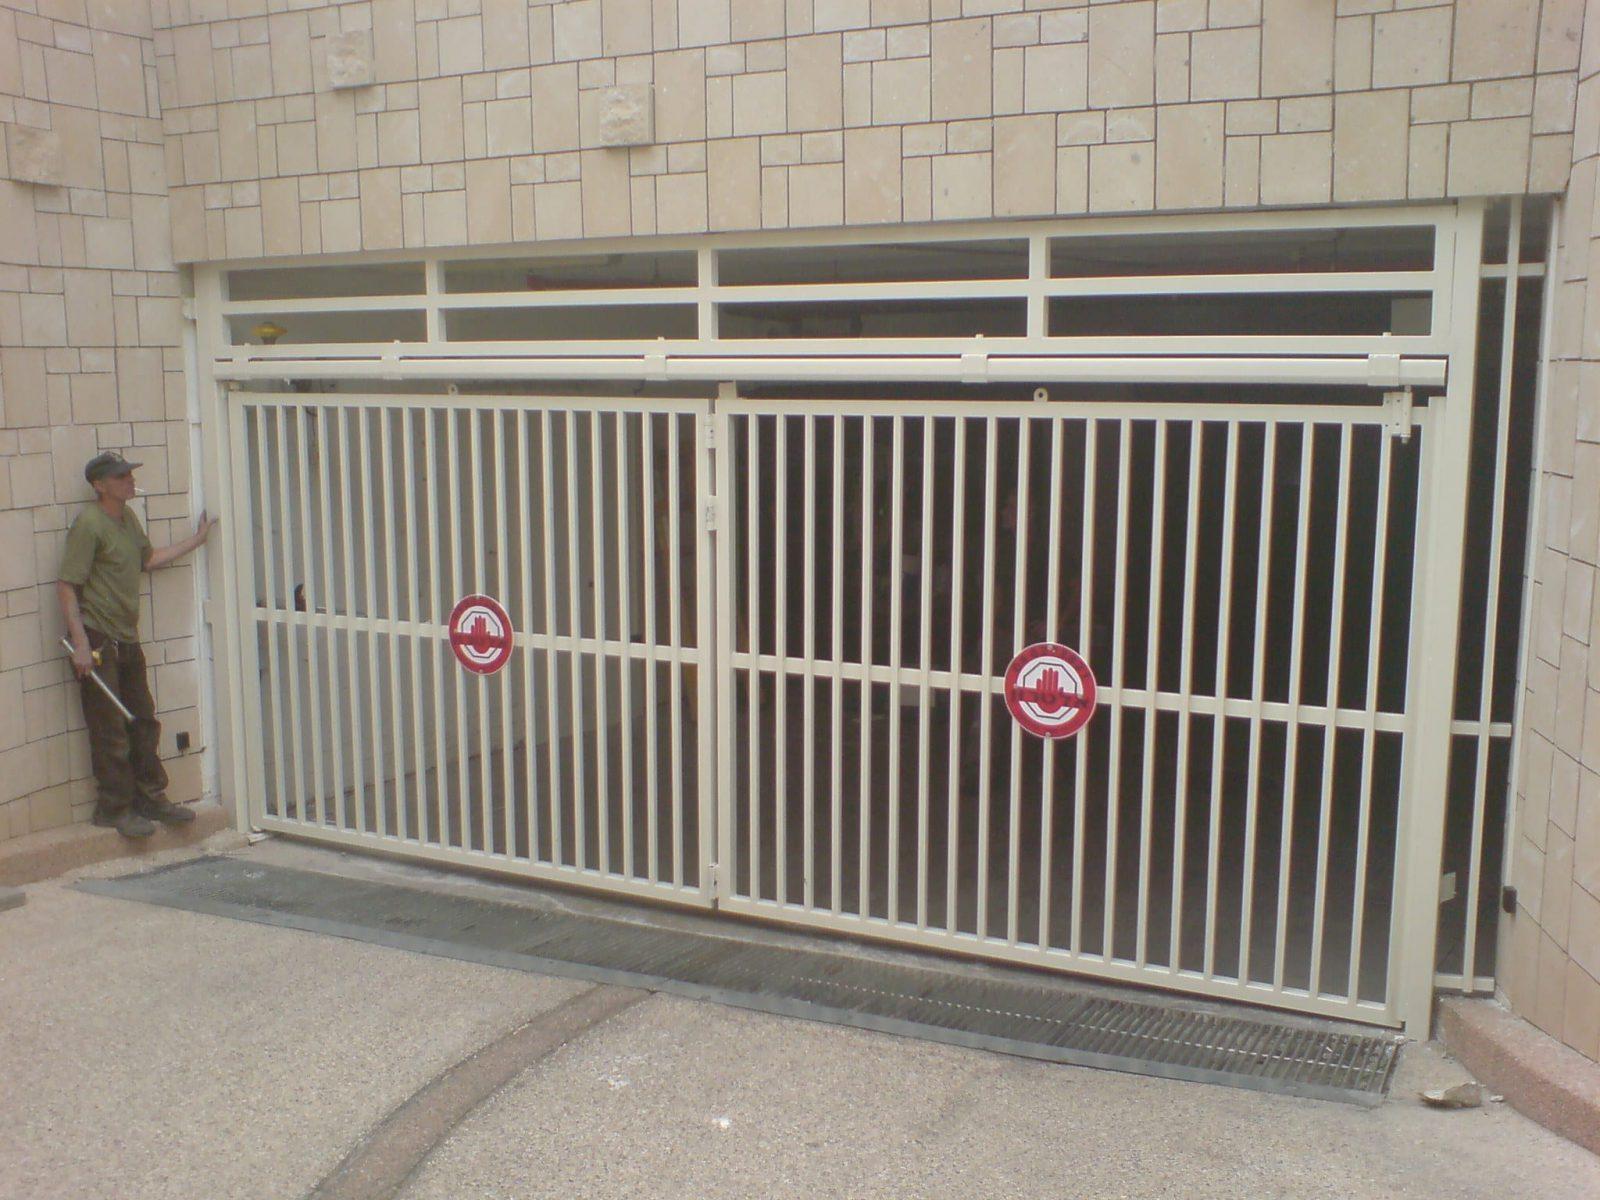 שער חשמלי לחנייה של בניין מגורים